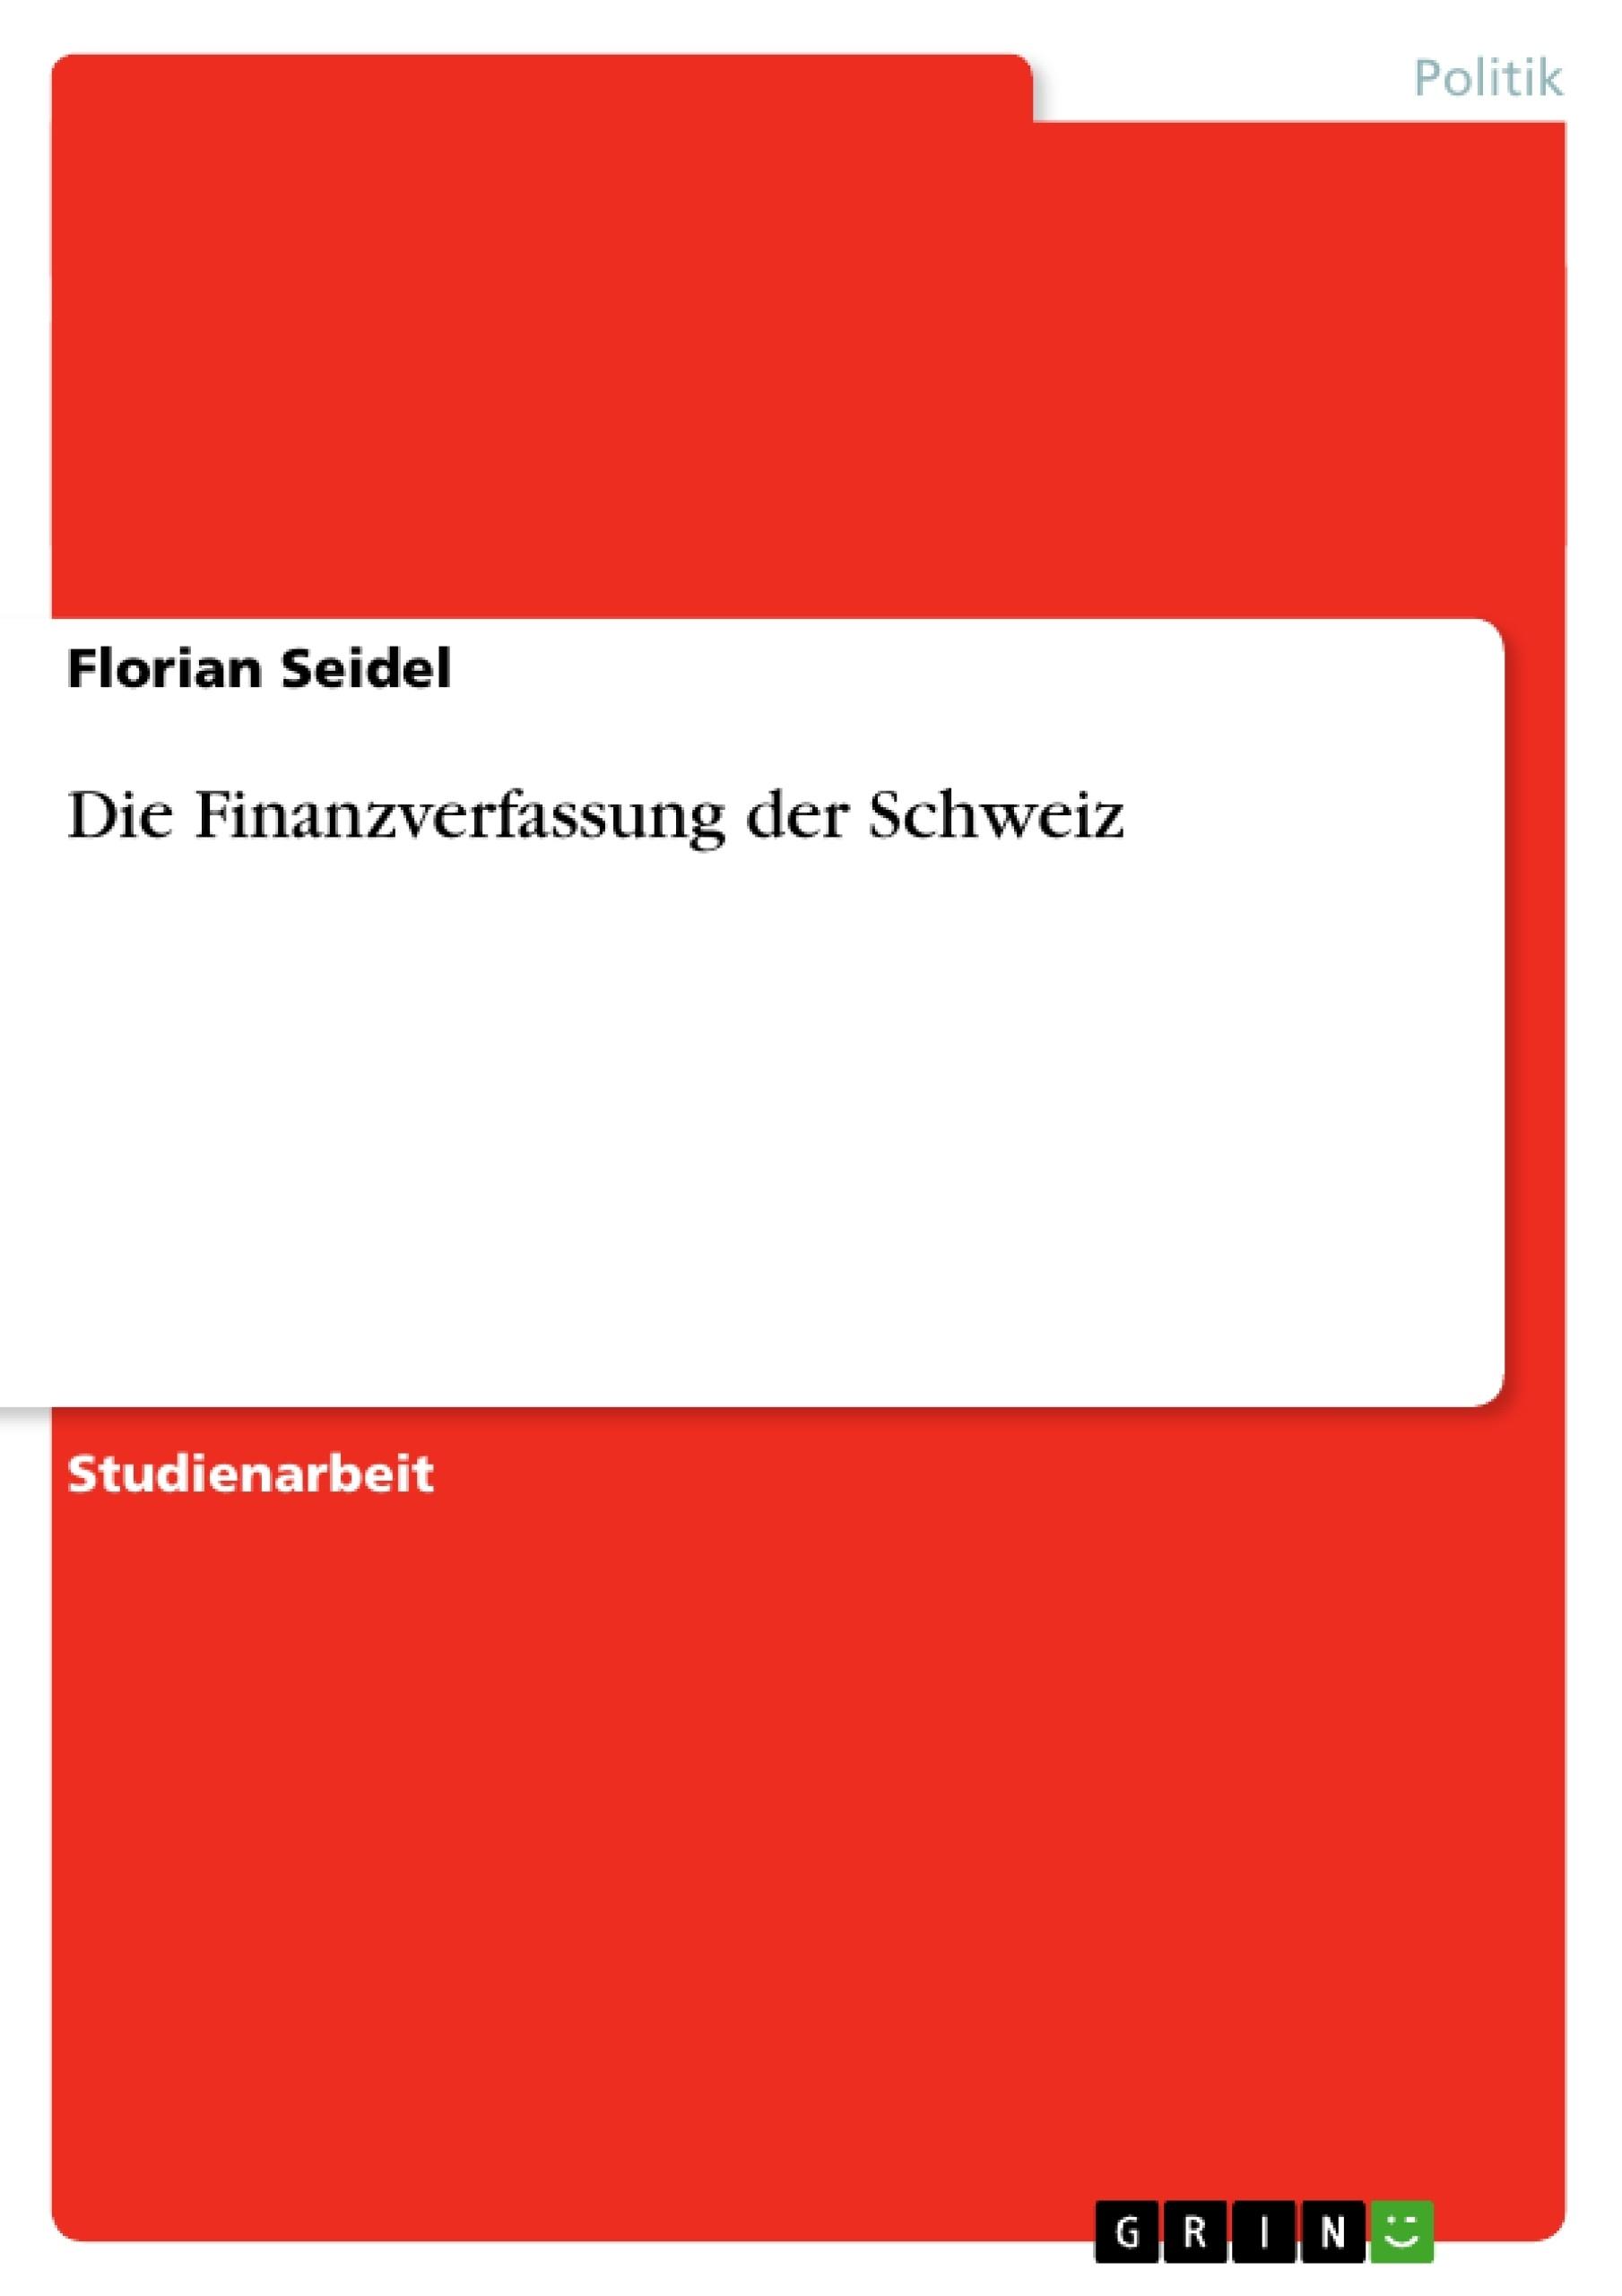 Titel: Die Finanzverfassung der Schweiz